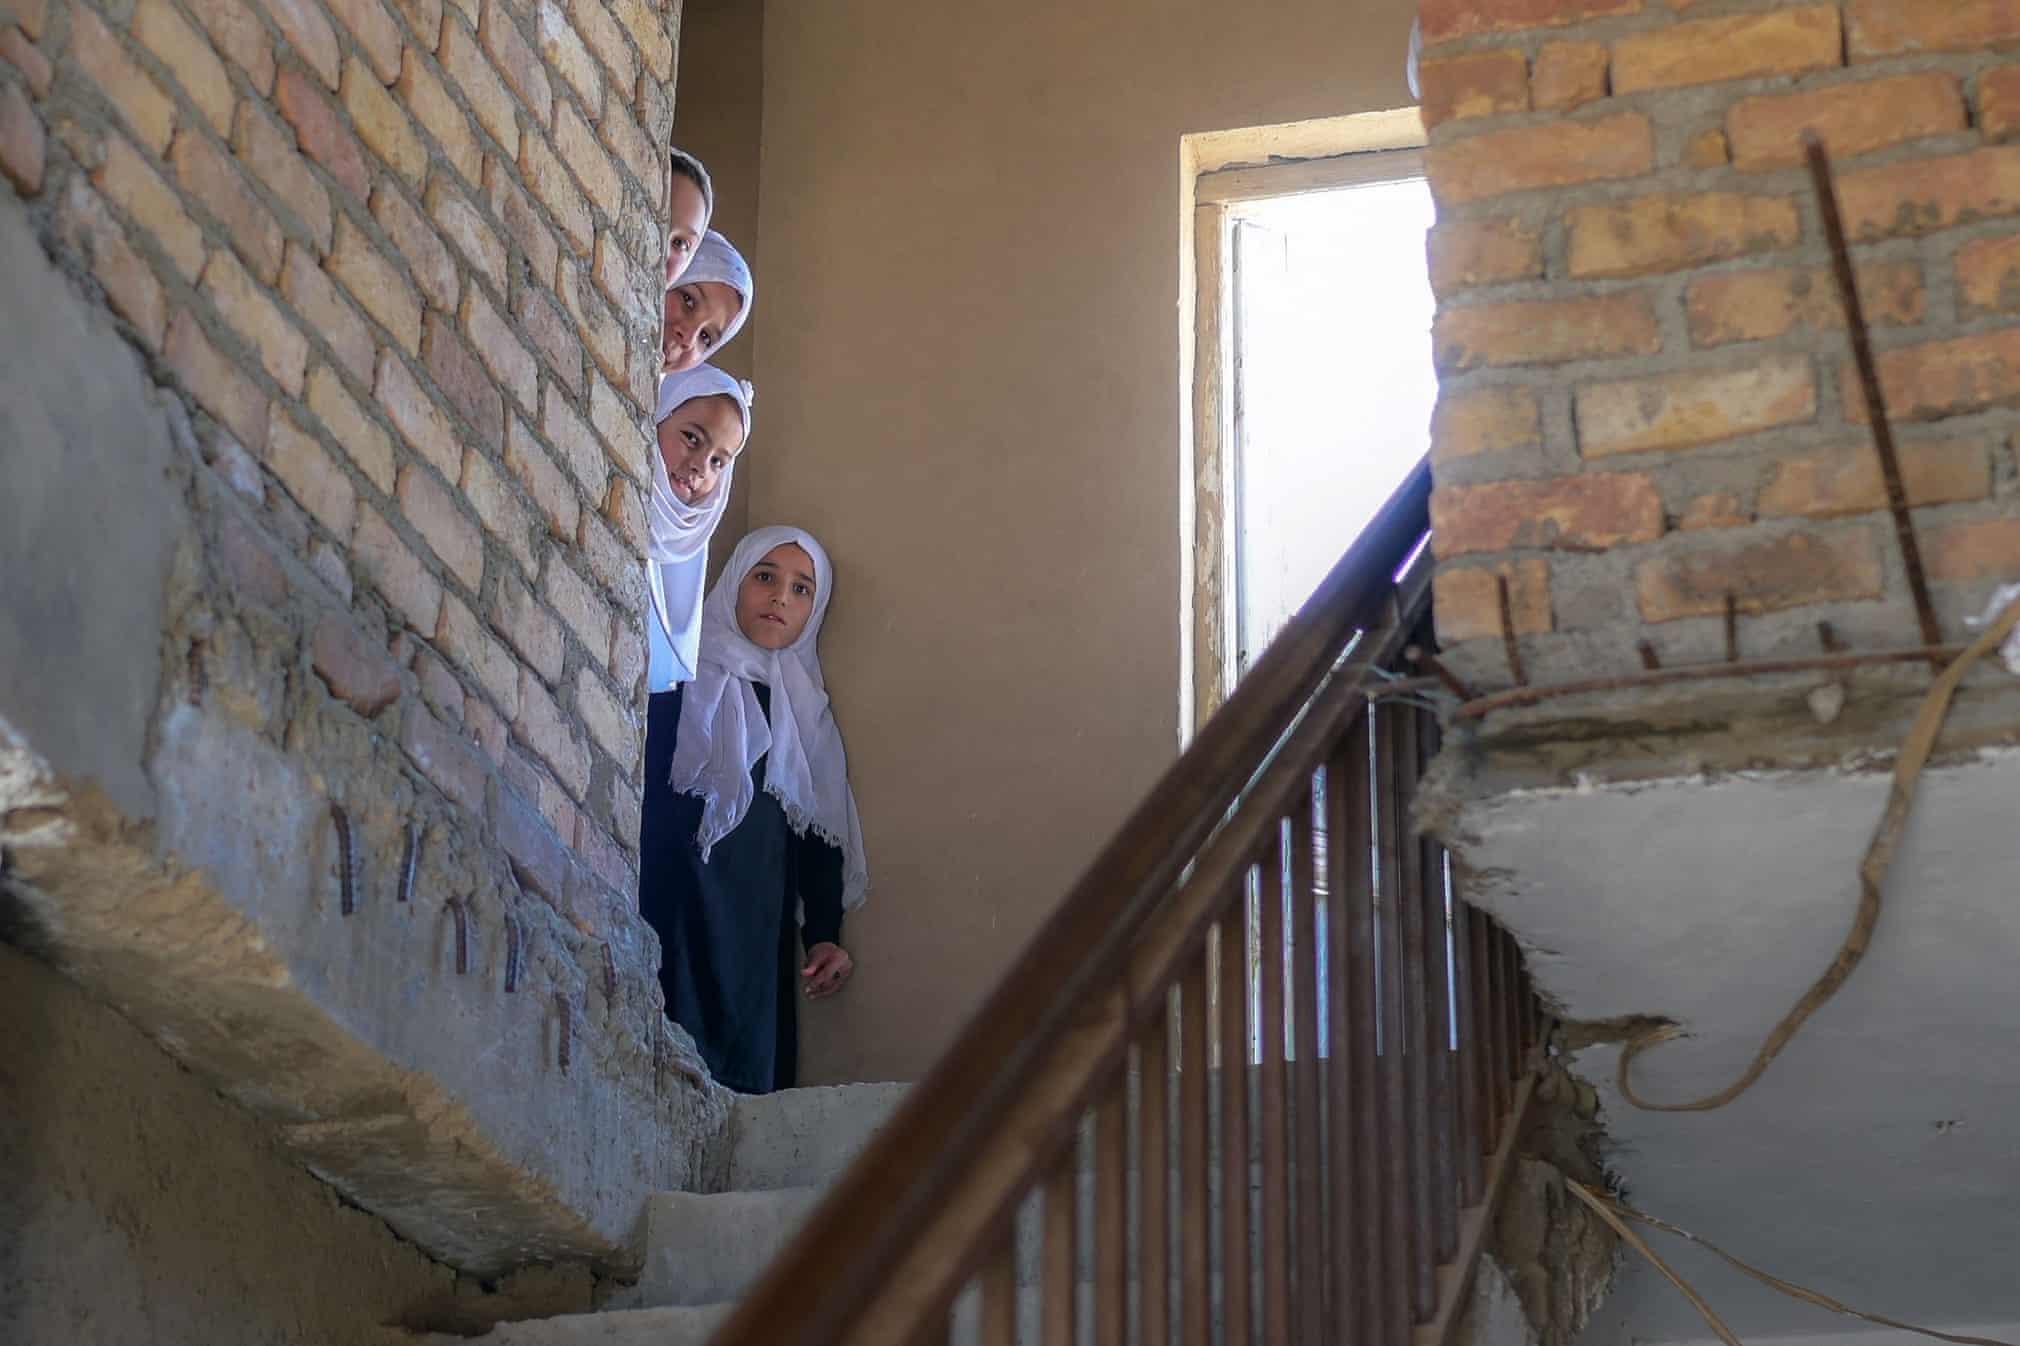 دختربچه های افغانستانی در یک مدرسه پس از تفکیک جنسیتی